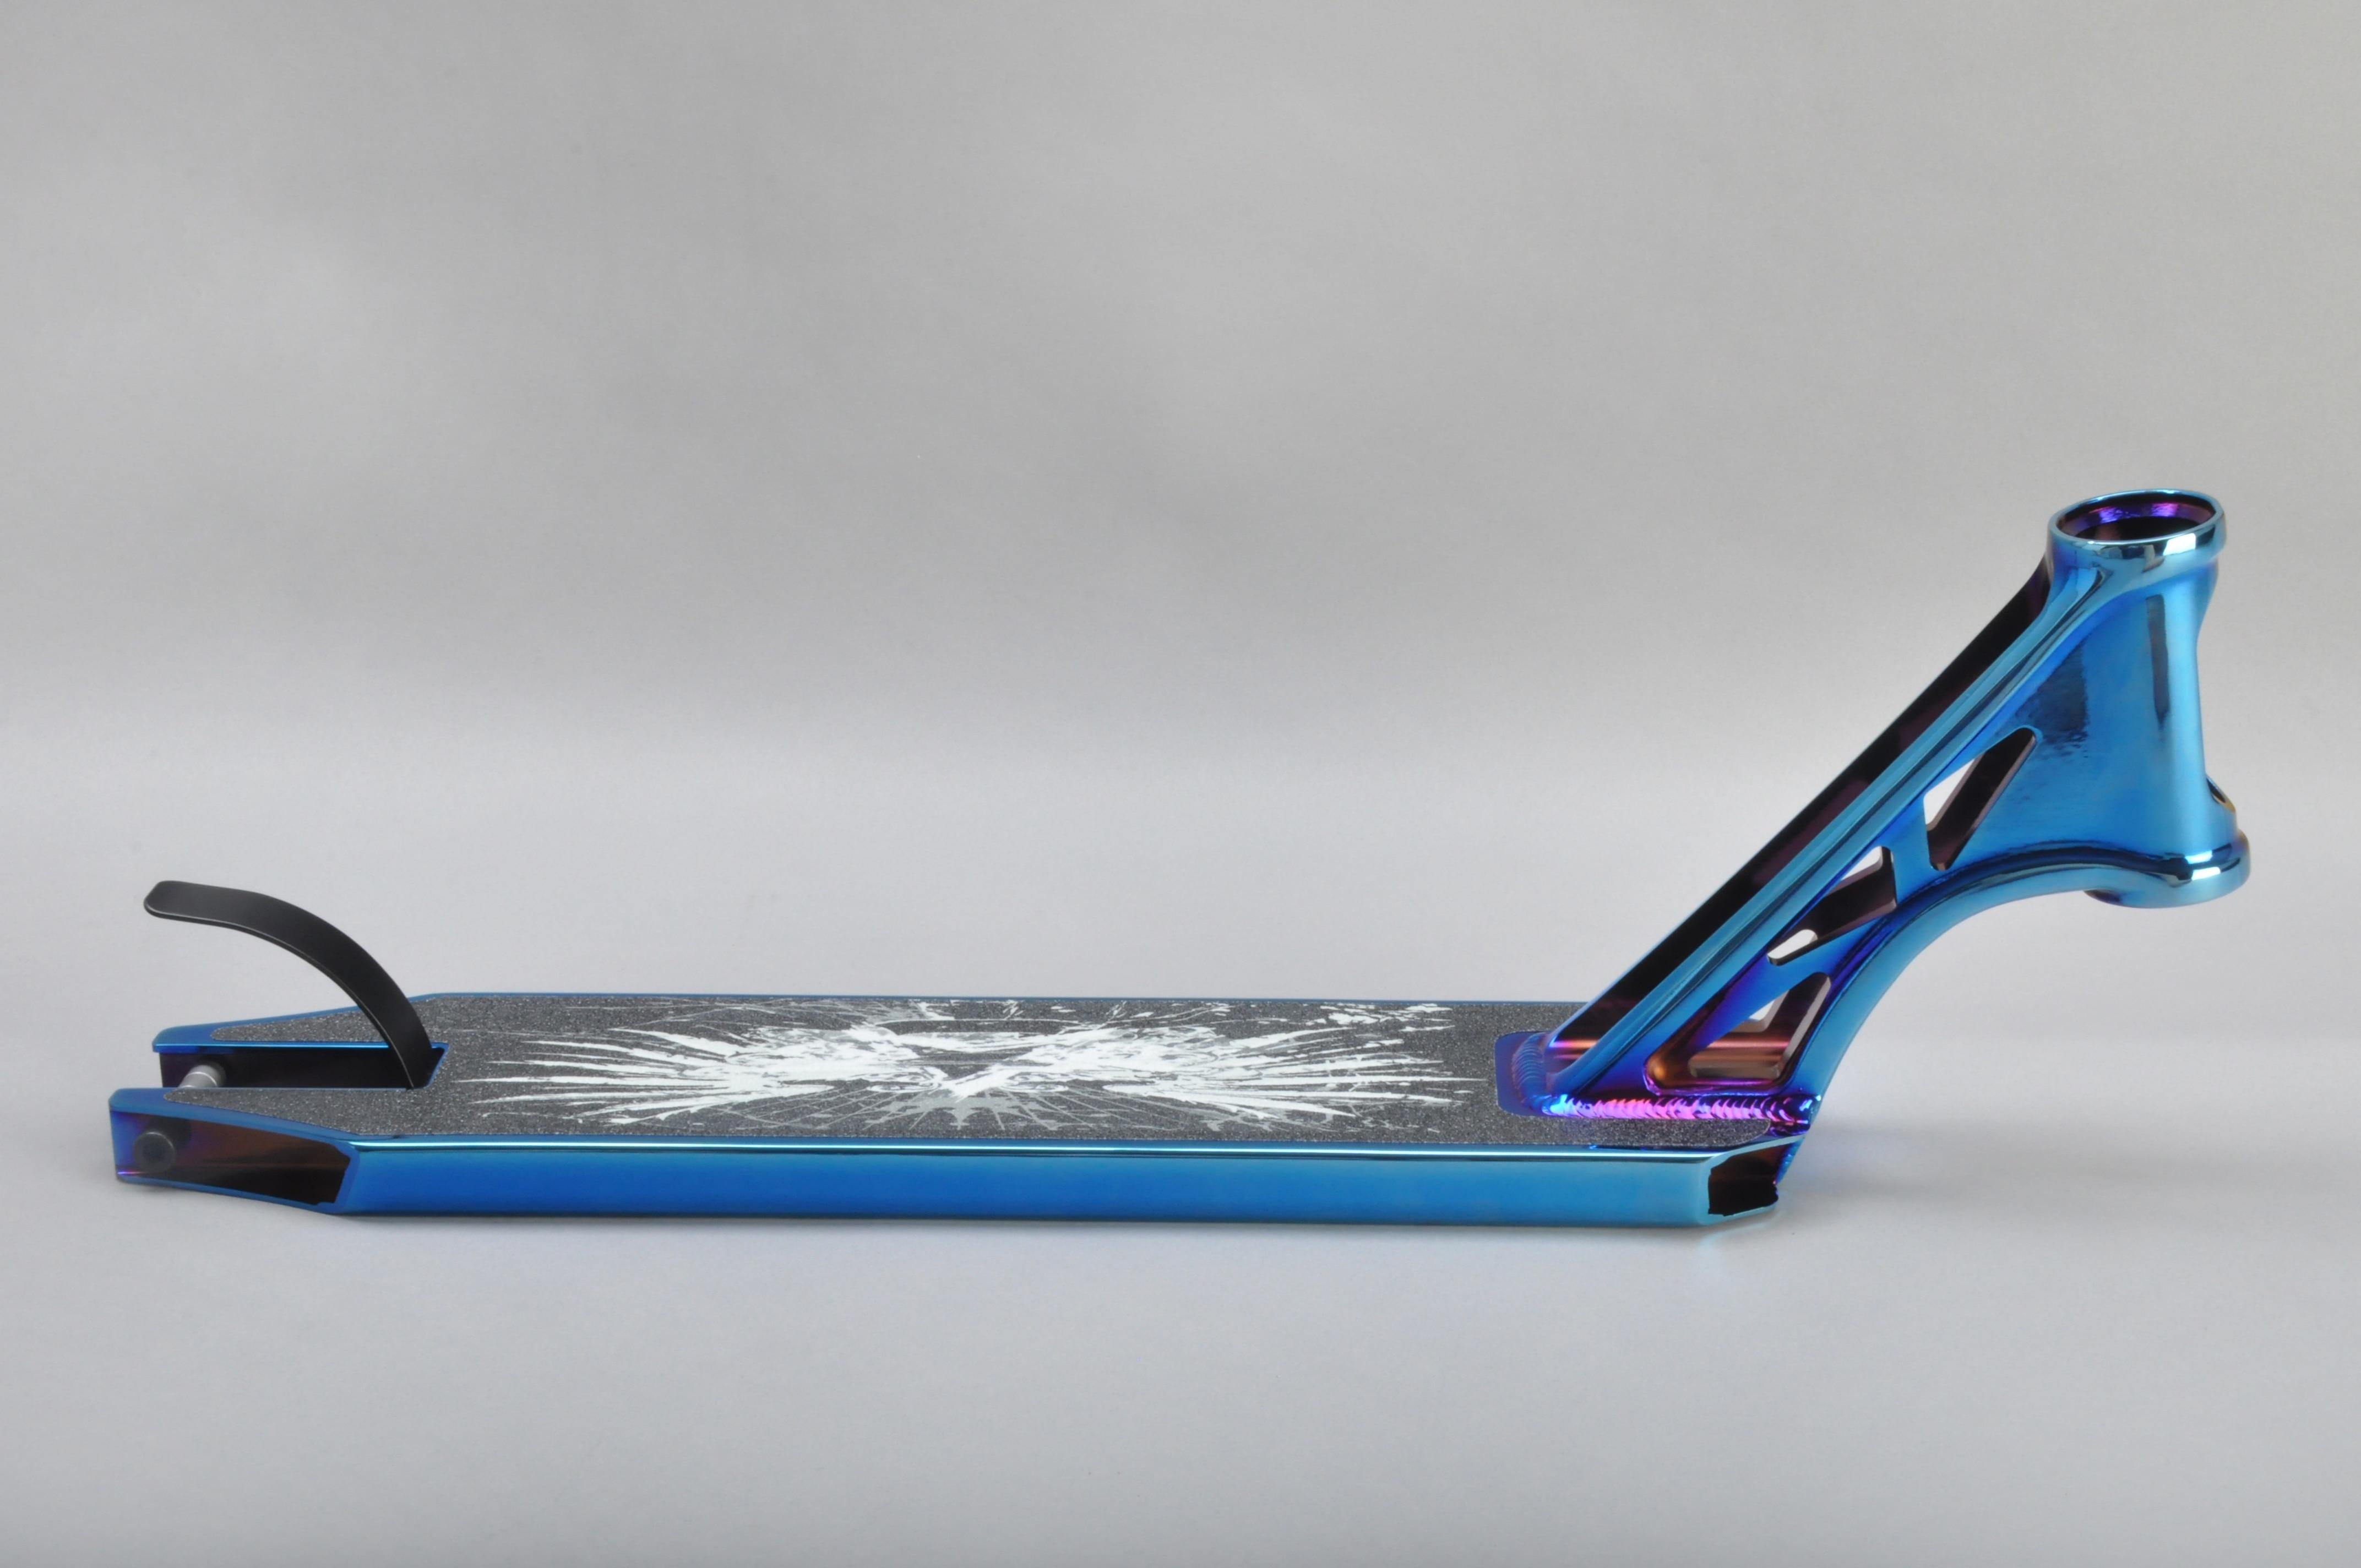 Funsea Chine fabricant nouveau performance en alliage d'aluminium 6061 scooter pièces PVD bleu kick scooter ponts stunt scooter pont